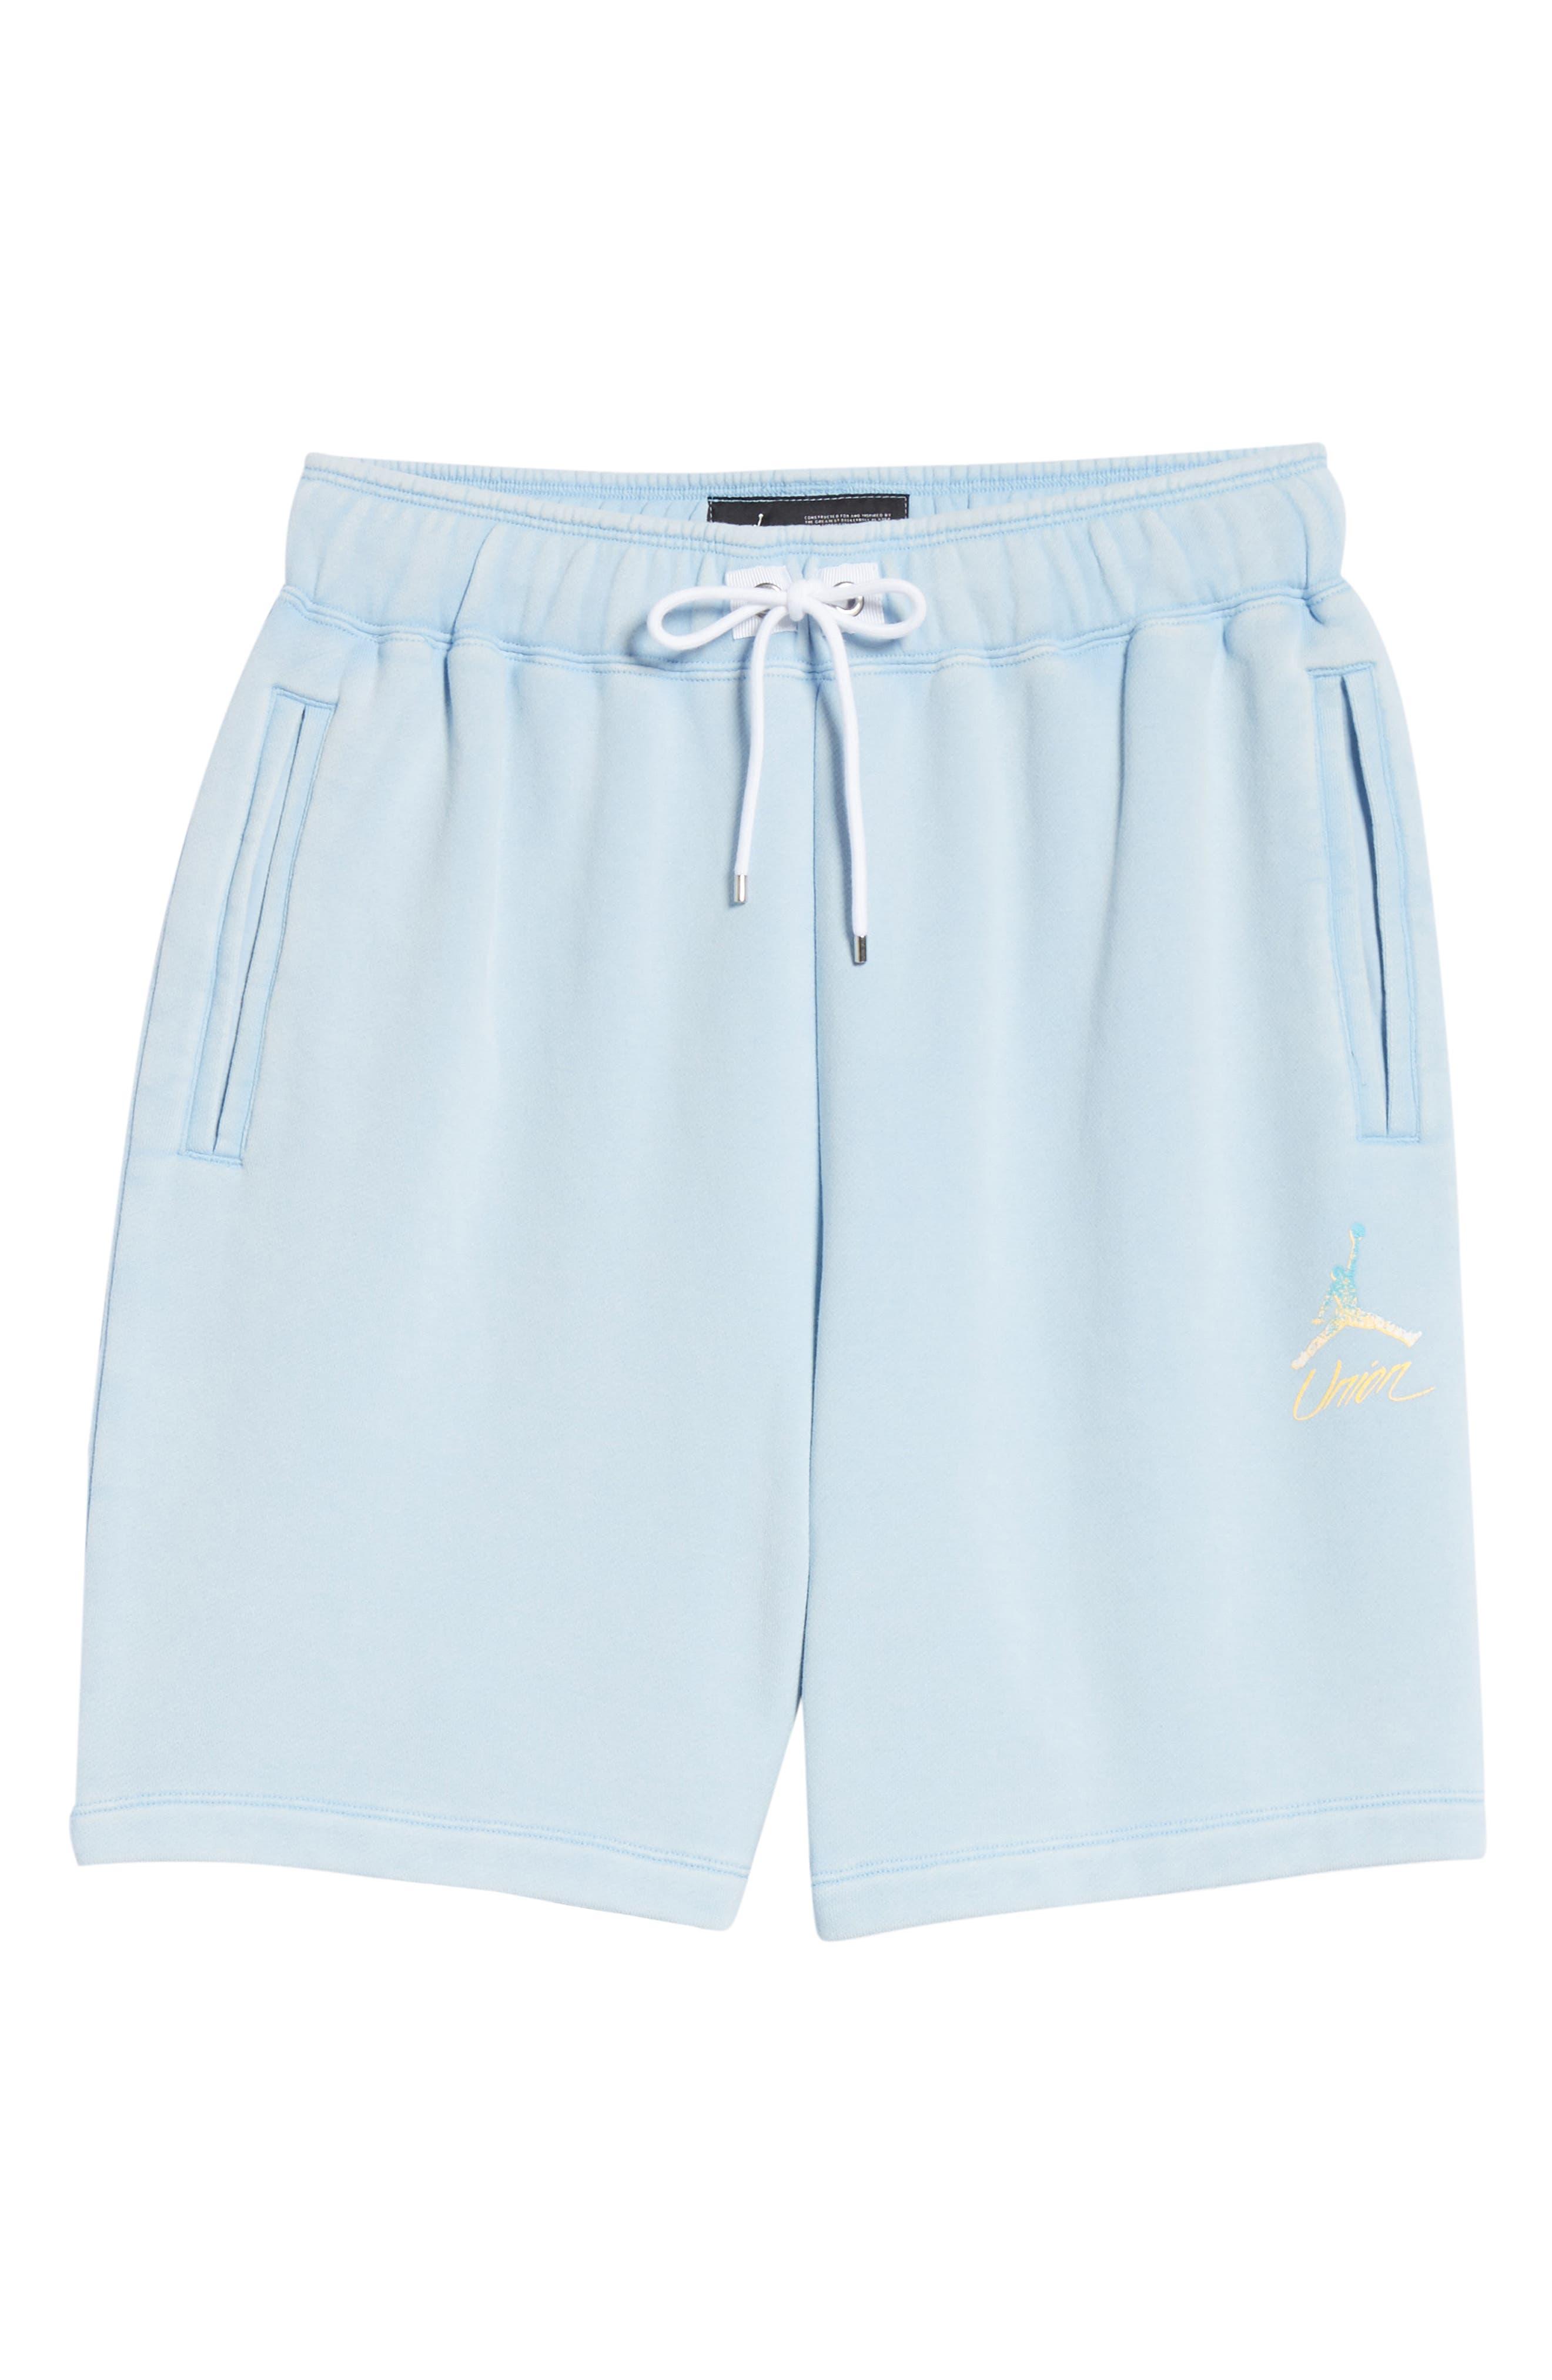 Jordan x Union NRG Fleece Shorts